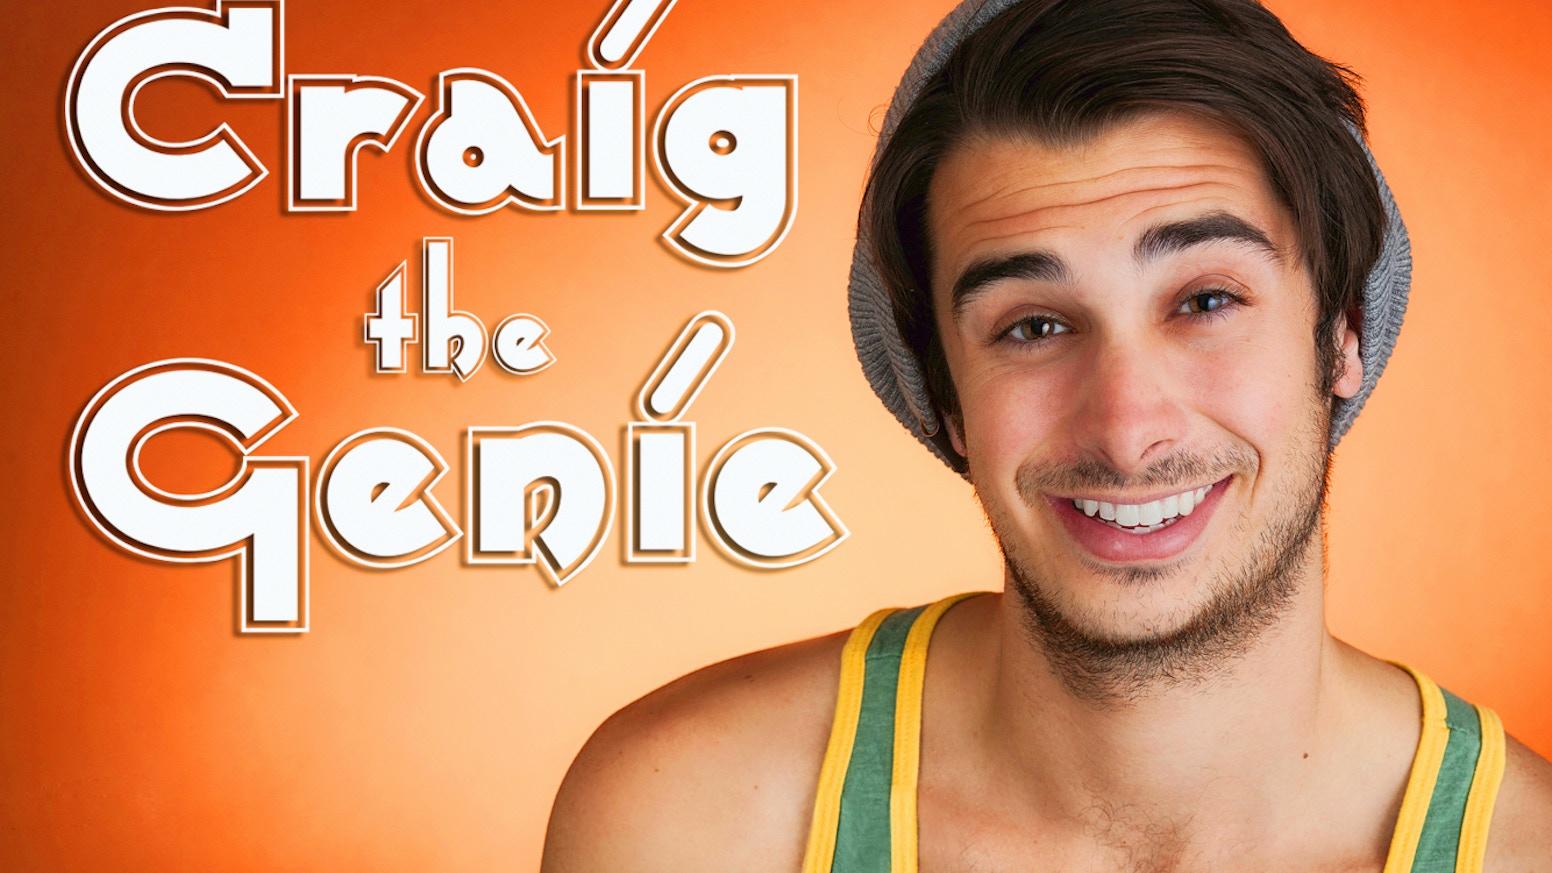 Craig The Genie Pilot Episode By Brandon Blanks Kickstarter